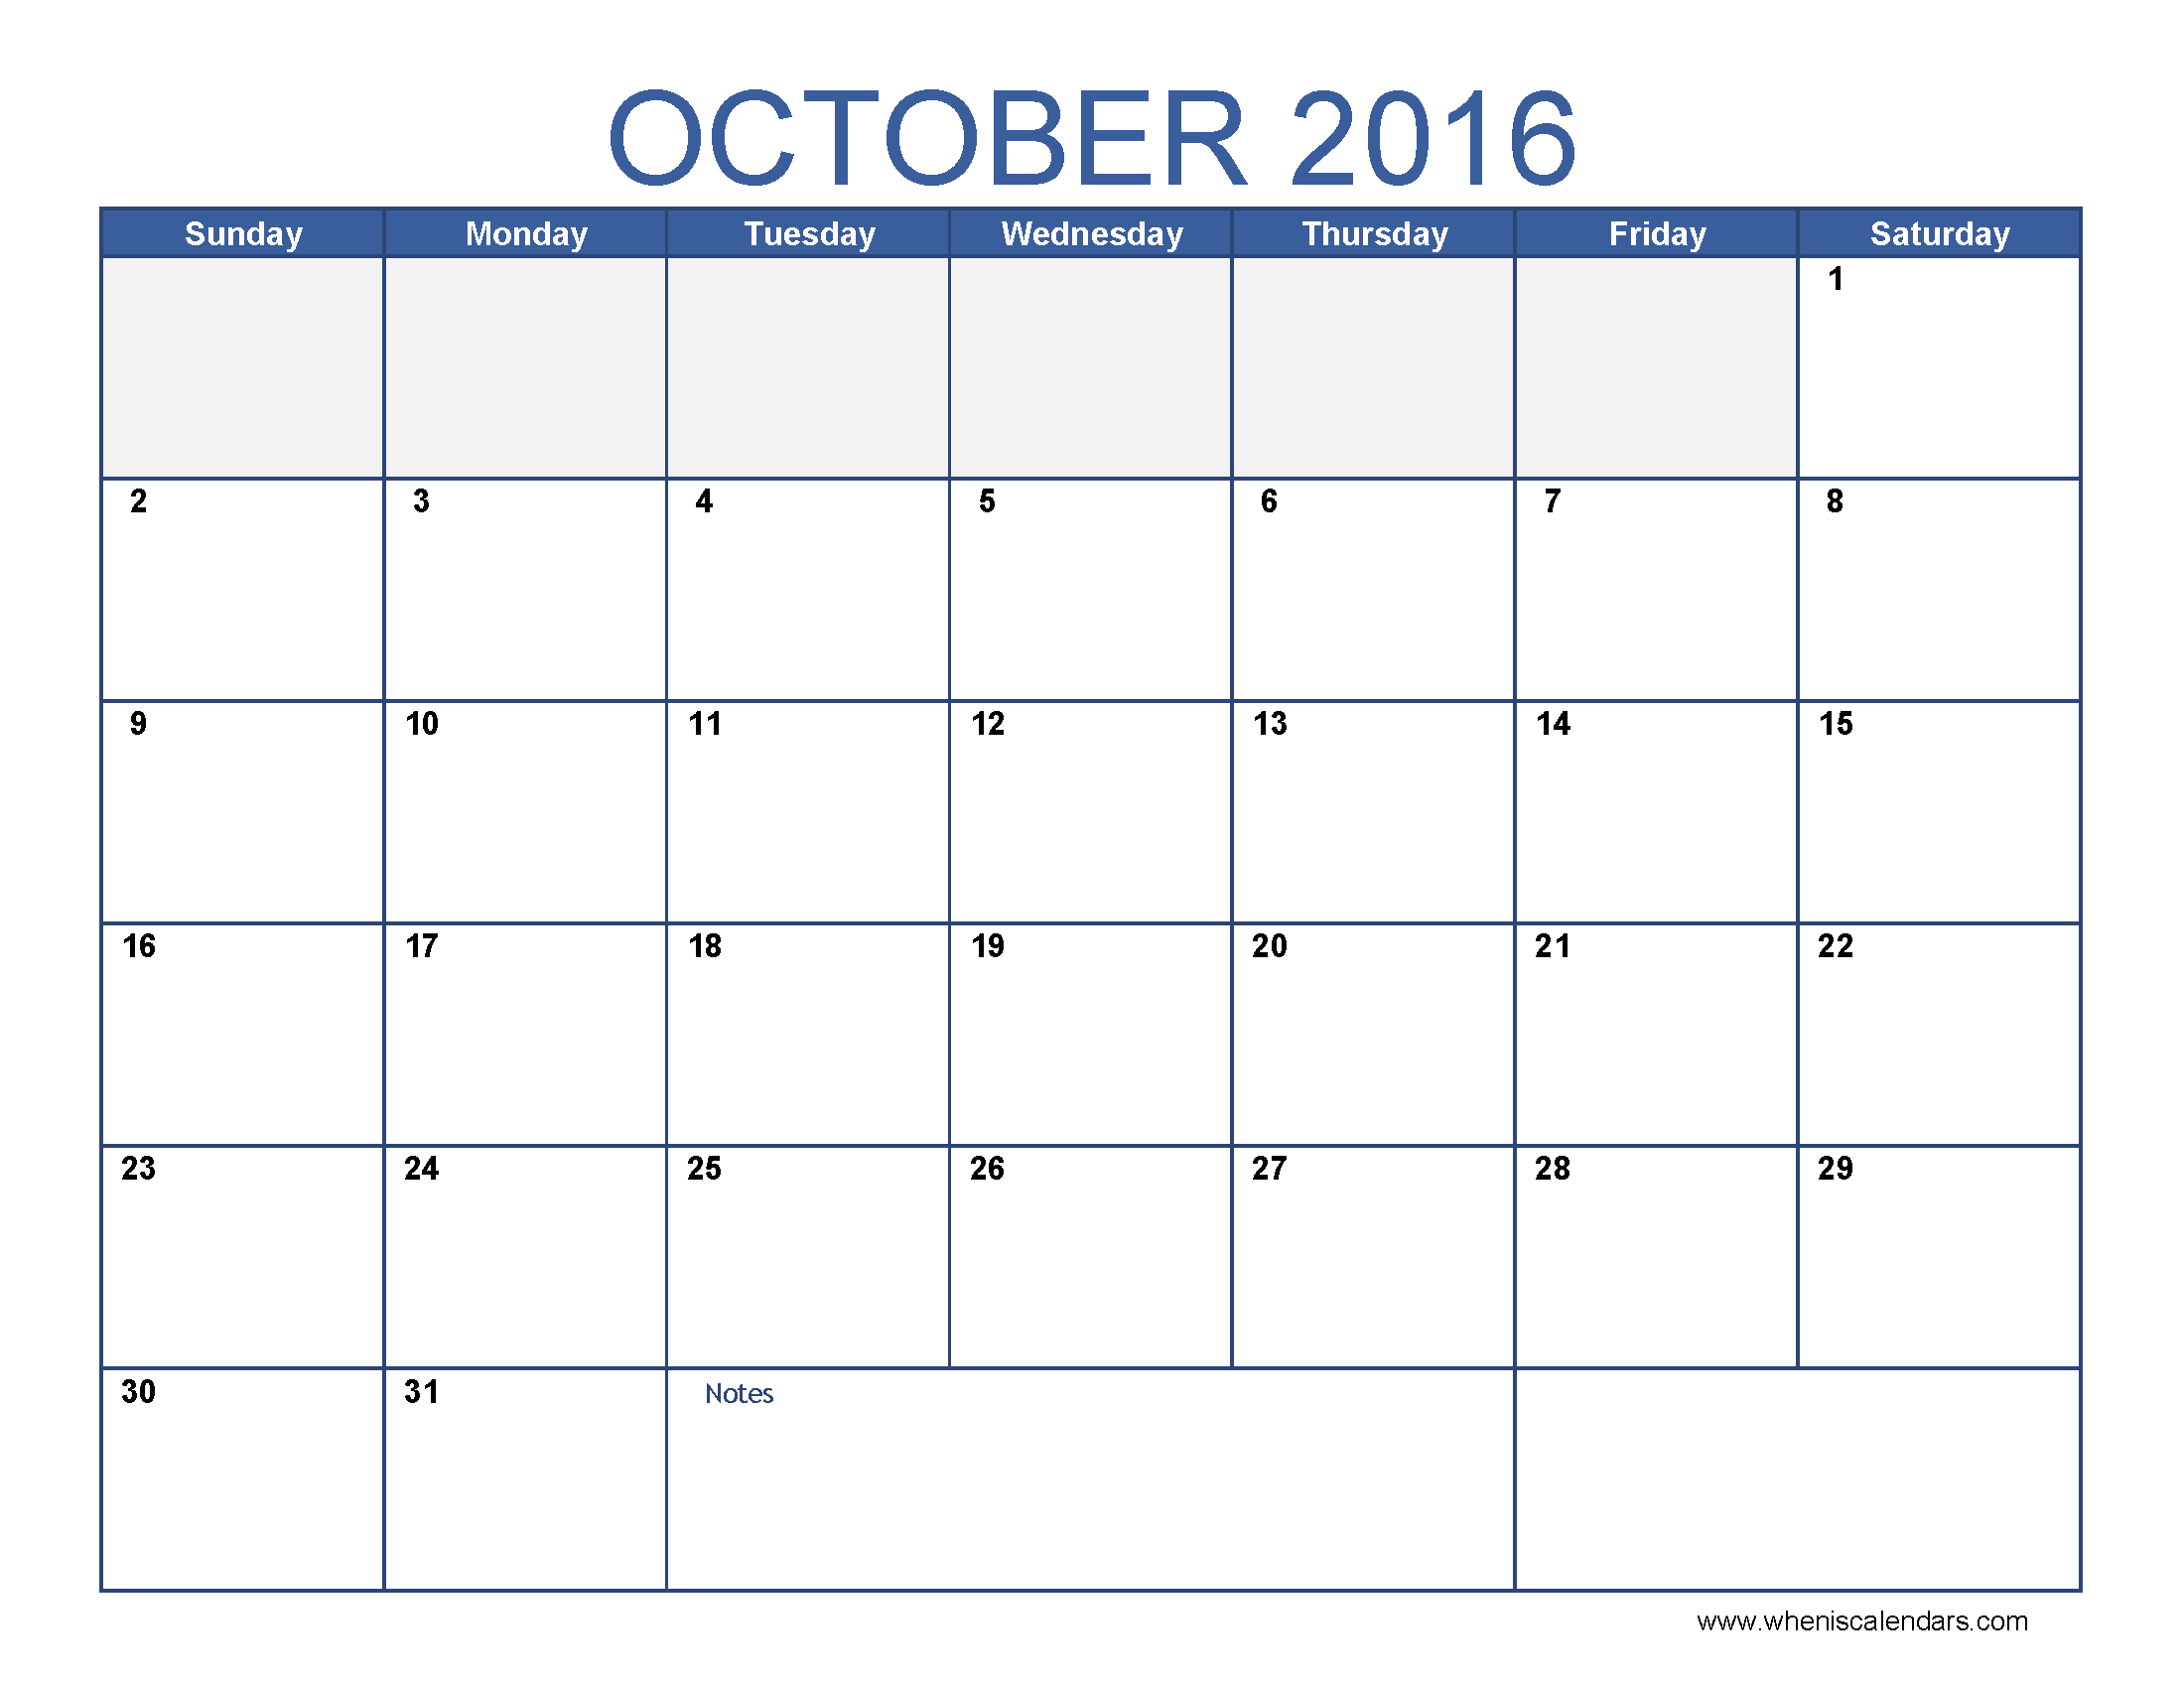 Calendar clipart october 2016 clip art transparent download October 2016 calendar with clipart holidays - ClipartFest clip art transparent download